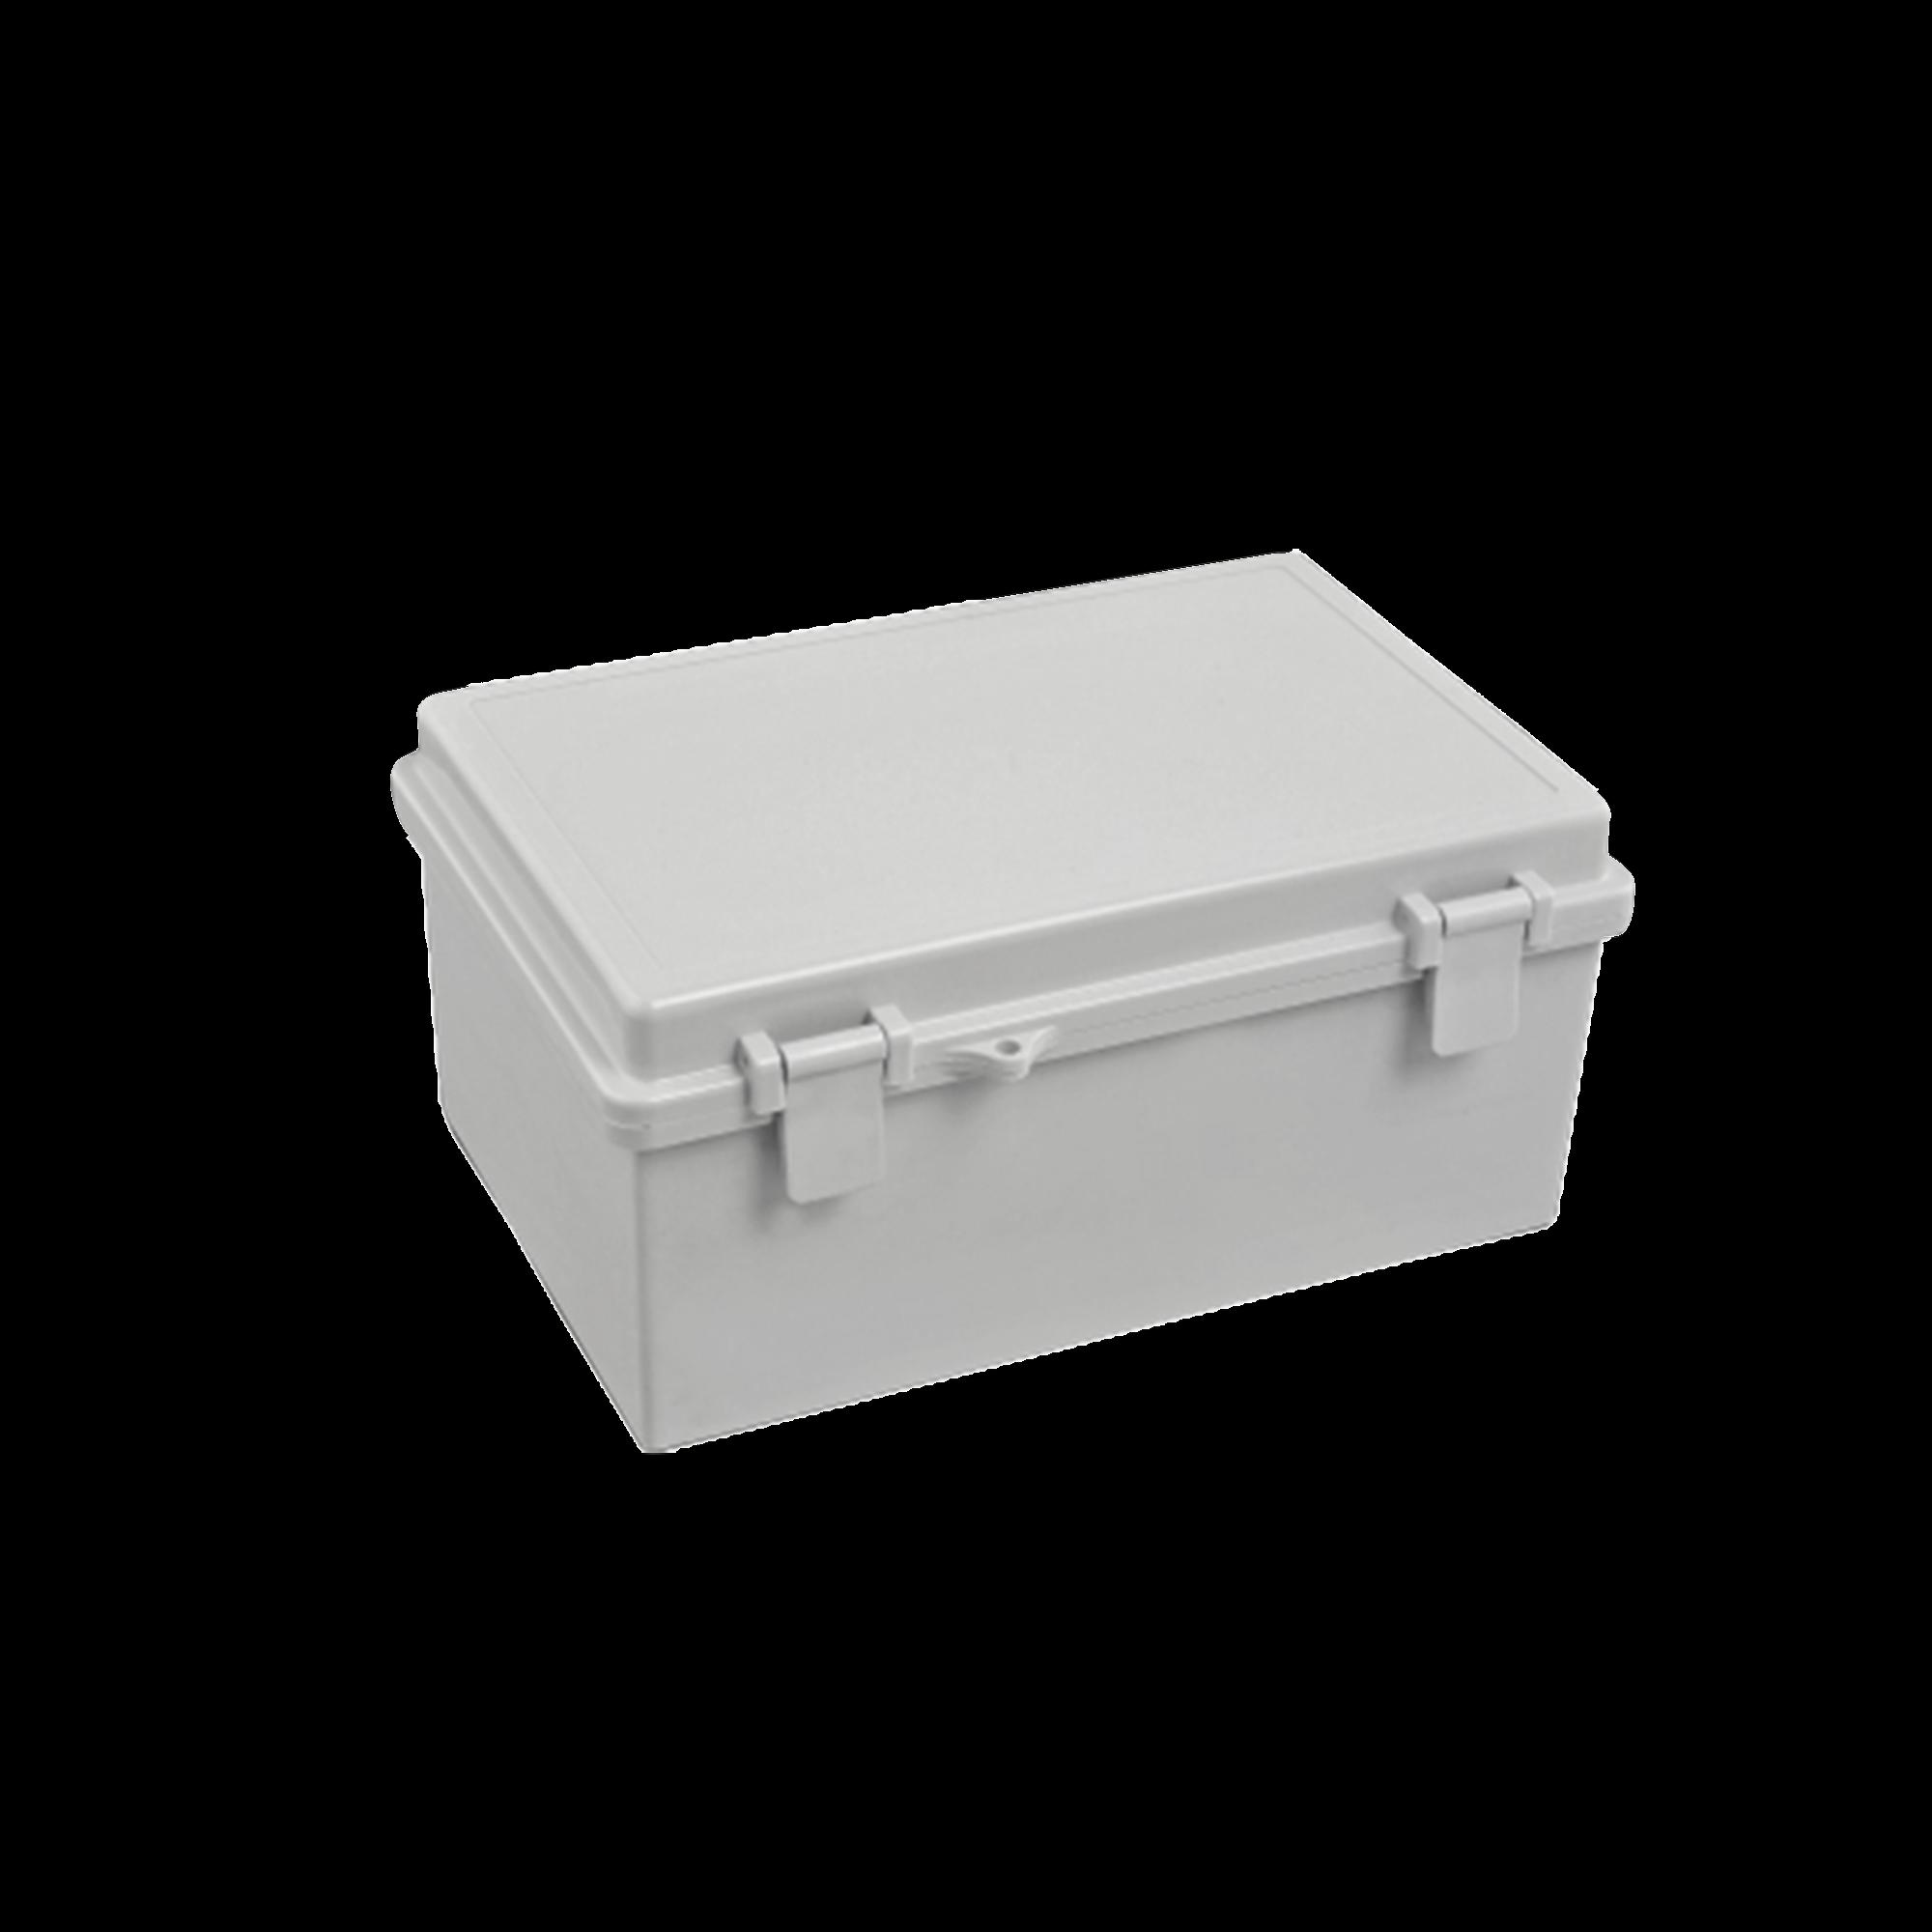 Gabinete Plástico para Exterior (IP65) de 150 x 220 x 105 mm Cierre por Broche.